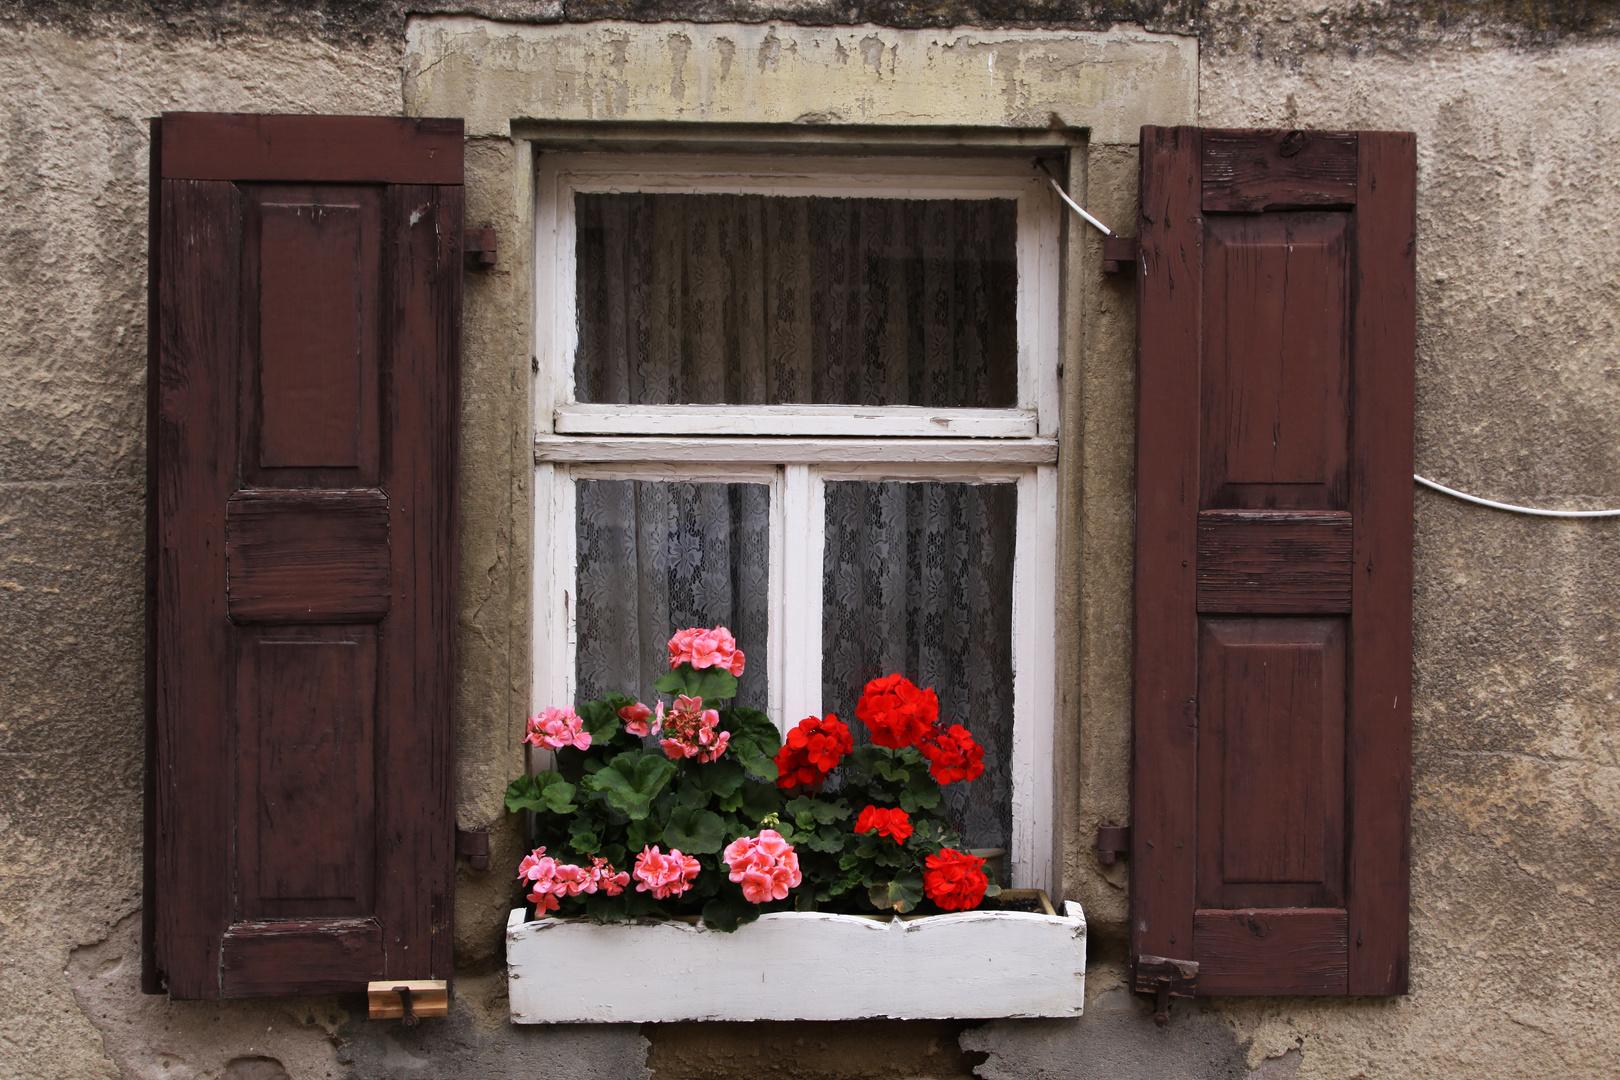 Fensterromantik